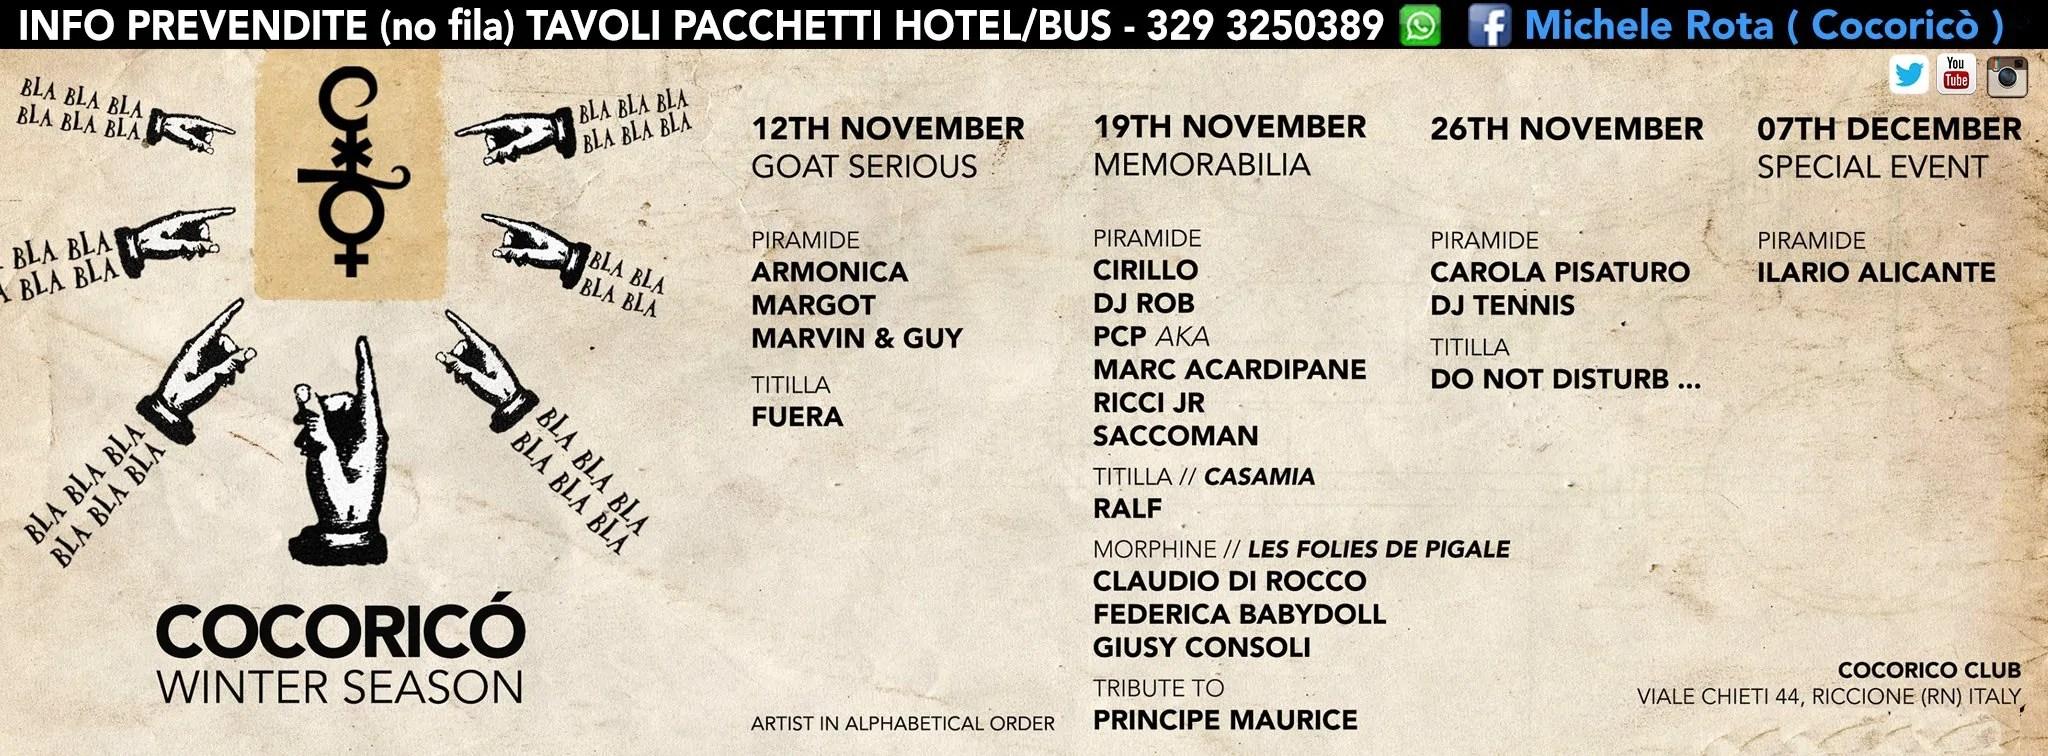 Sabato 26 NOVEMBRE 2016 COCORICO DJ TENNIS PREZZI PREVENDITE BIGLIETTI TAVOLI HOTEL + PULLMAN